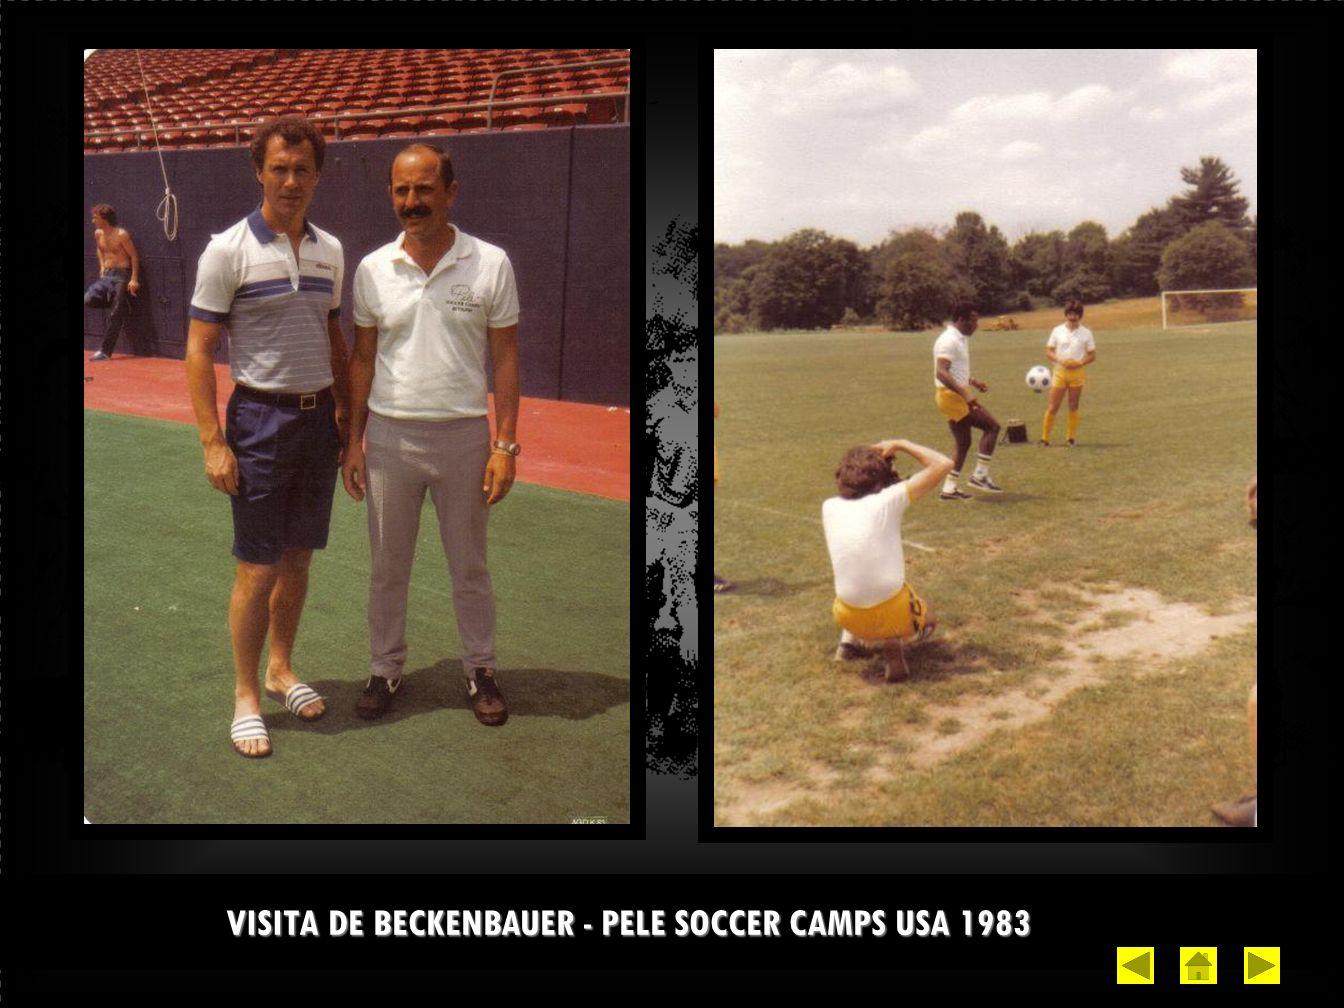 VISITA DE BECKENBAUER - PELE SOCCER CAMPS USA 1983